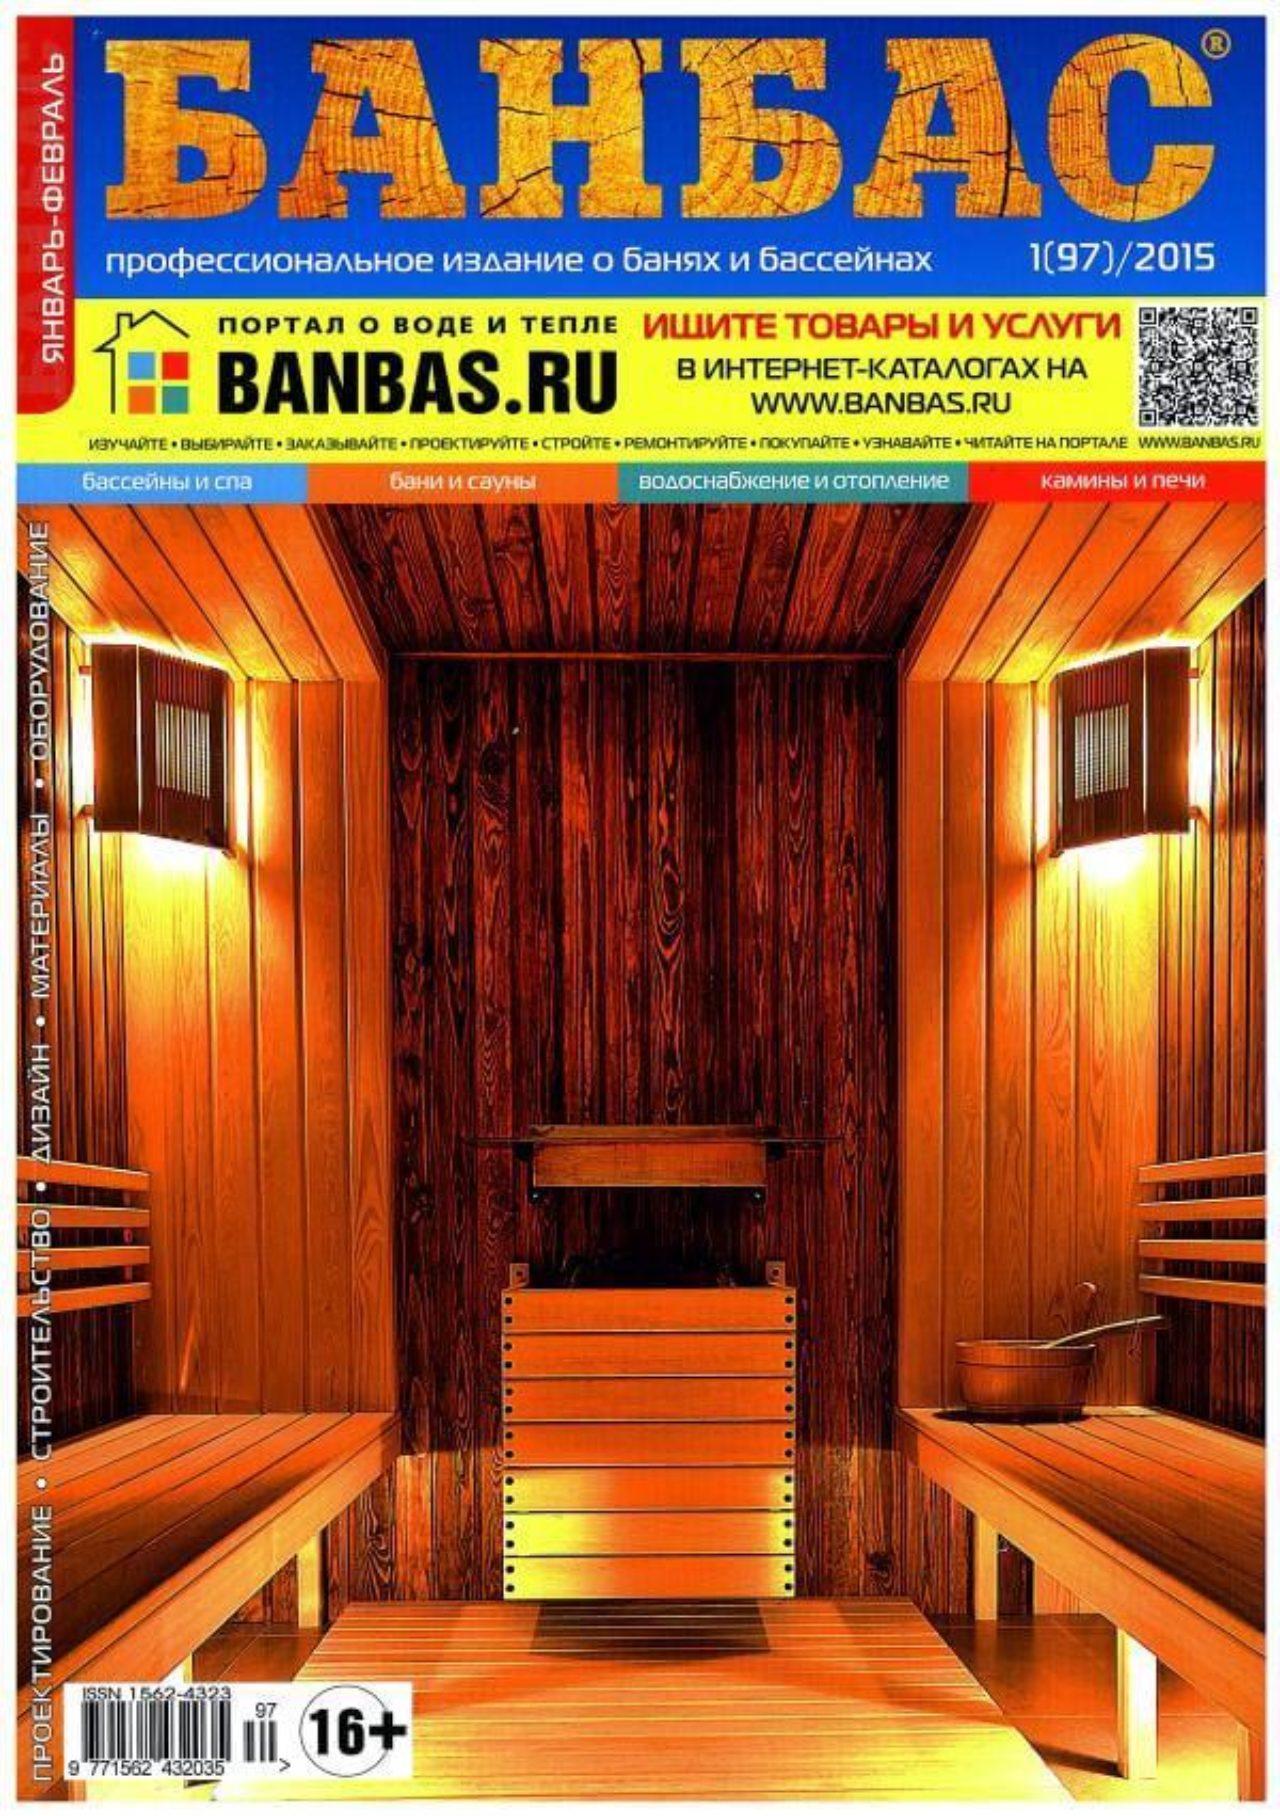 BANBAS 01/2015 | Blog - Microwell